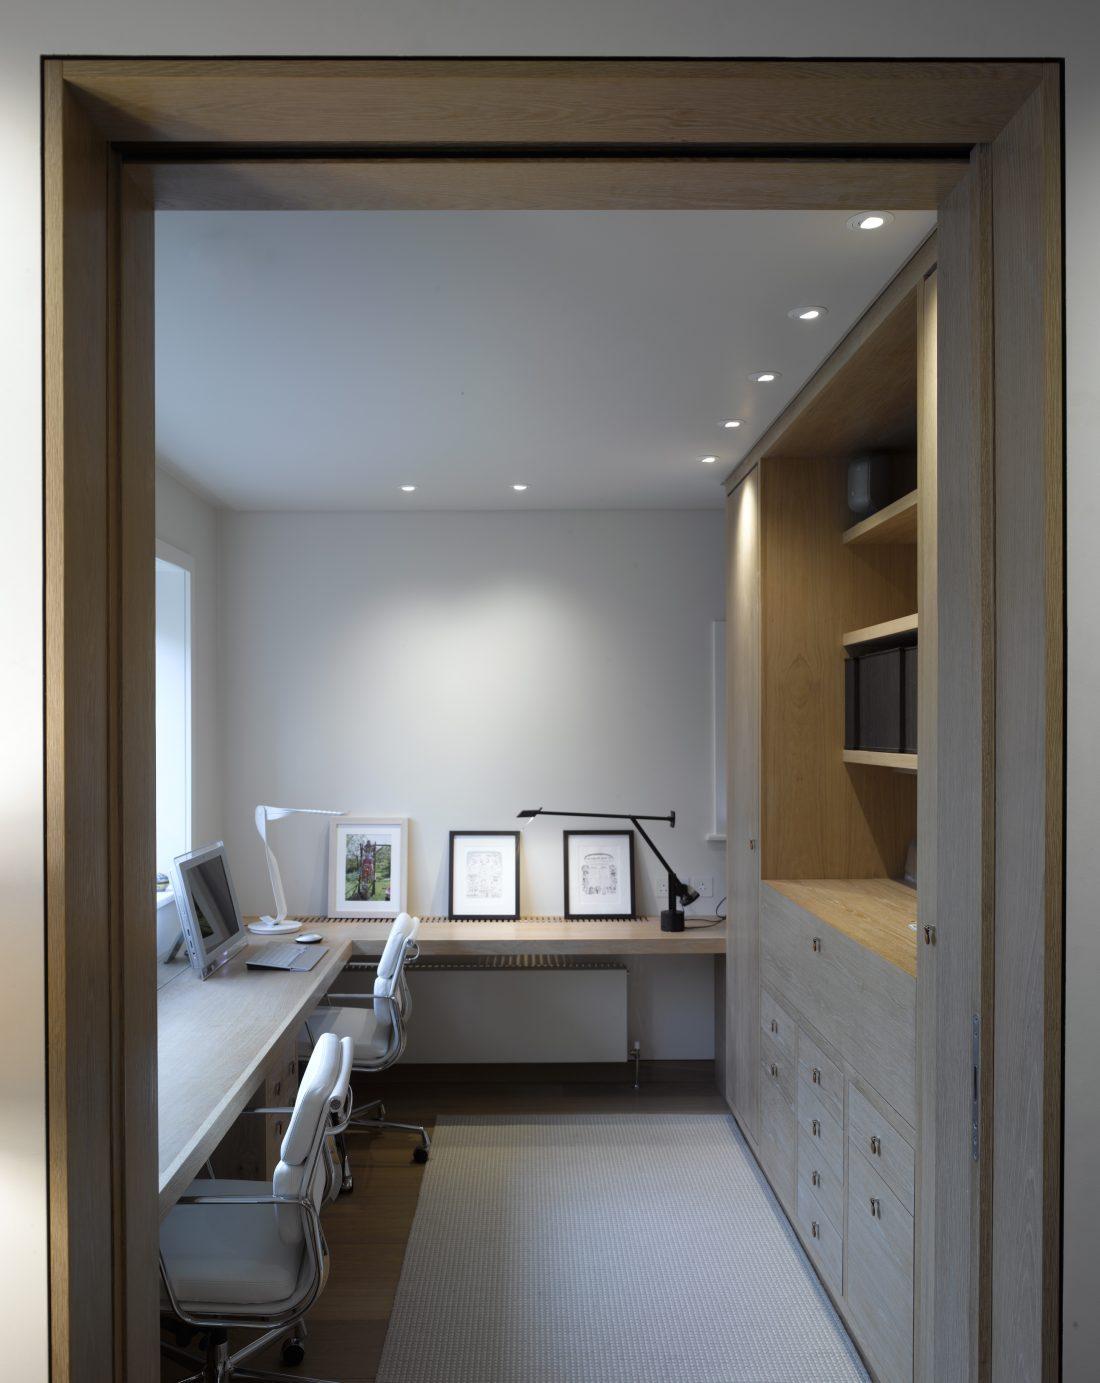 Цветовые схемы интерьера цветовые схемы интерьера Цветовые схемы интерьера для домашнего офиса 9 CPG PRI